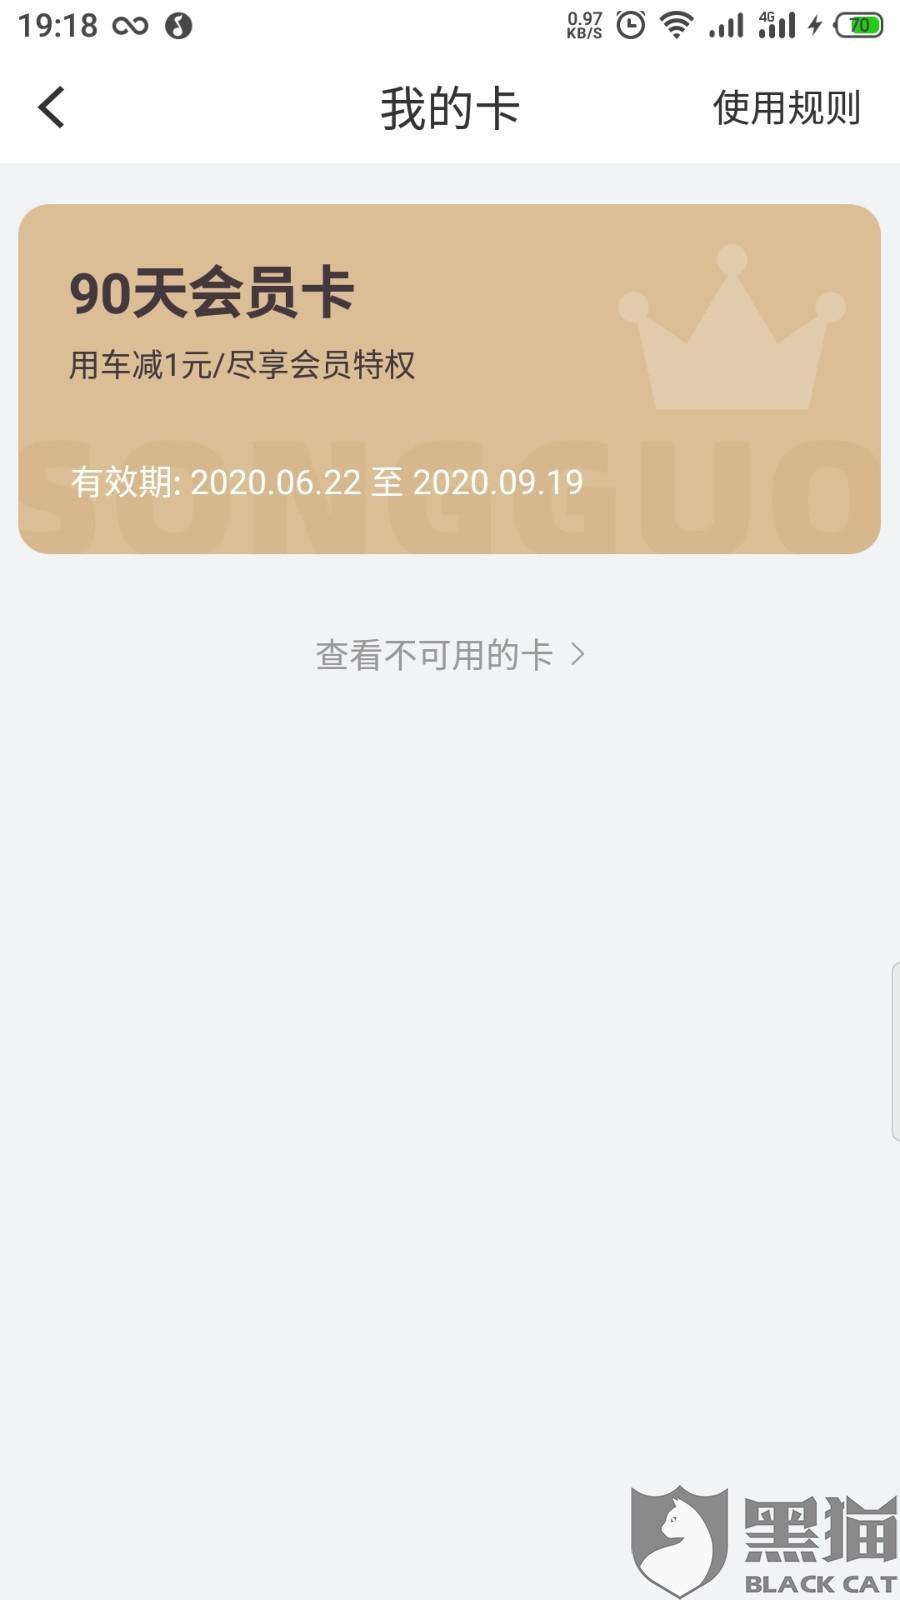 http://www.qwican.com/tiyujiankang/4271217.html